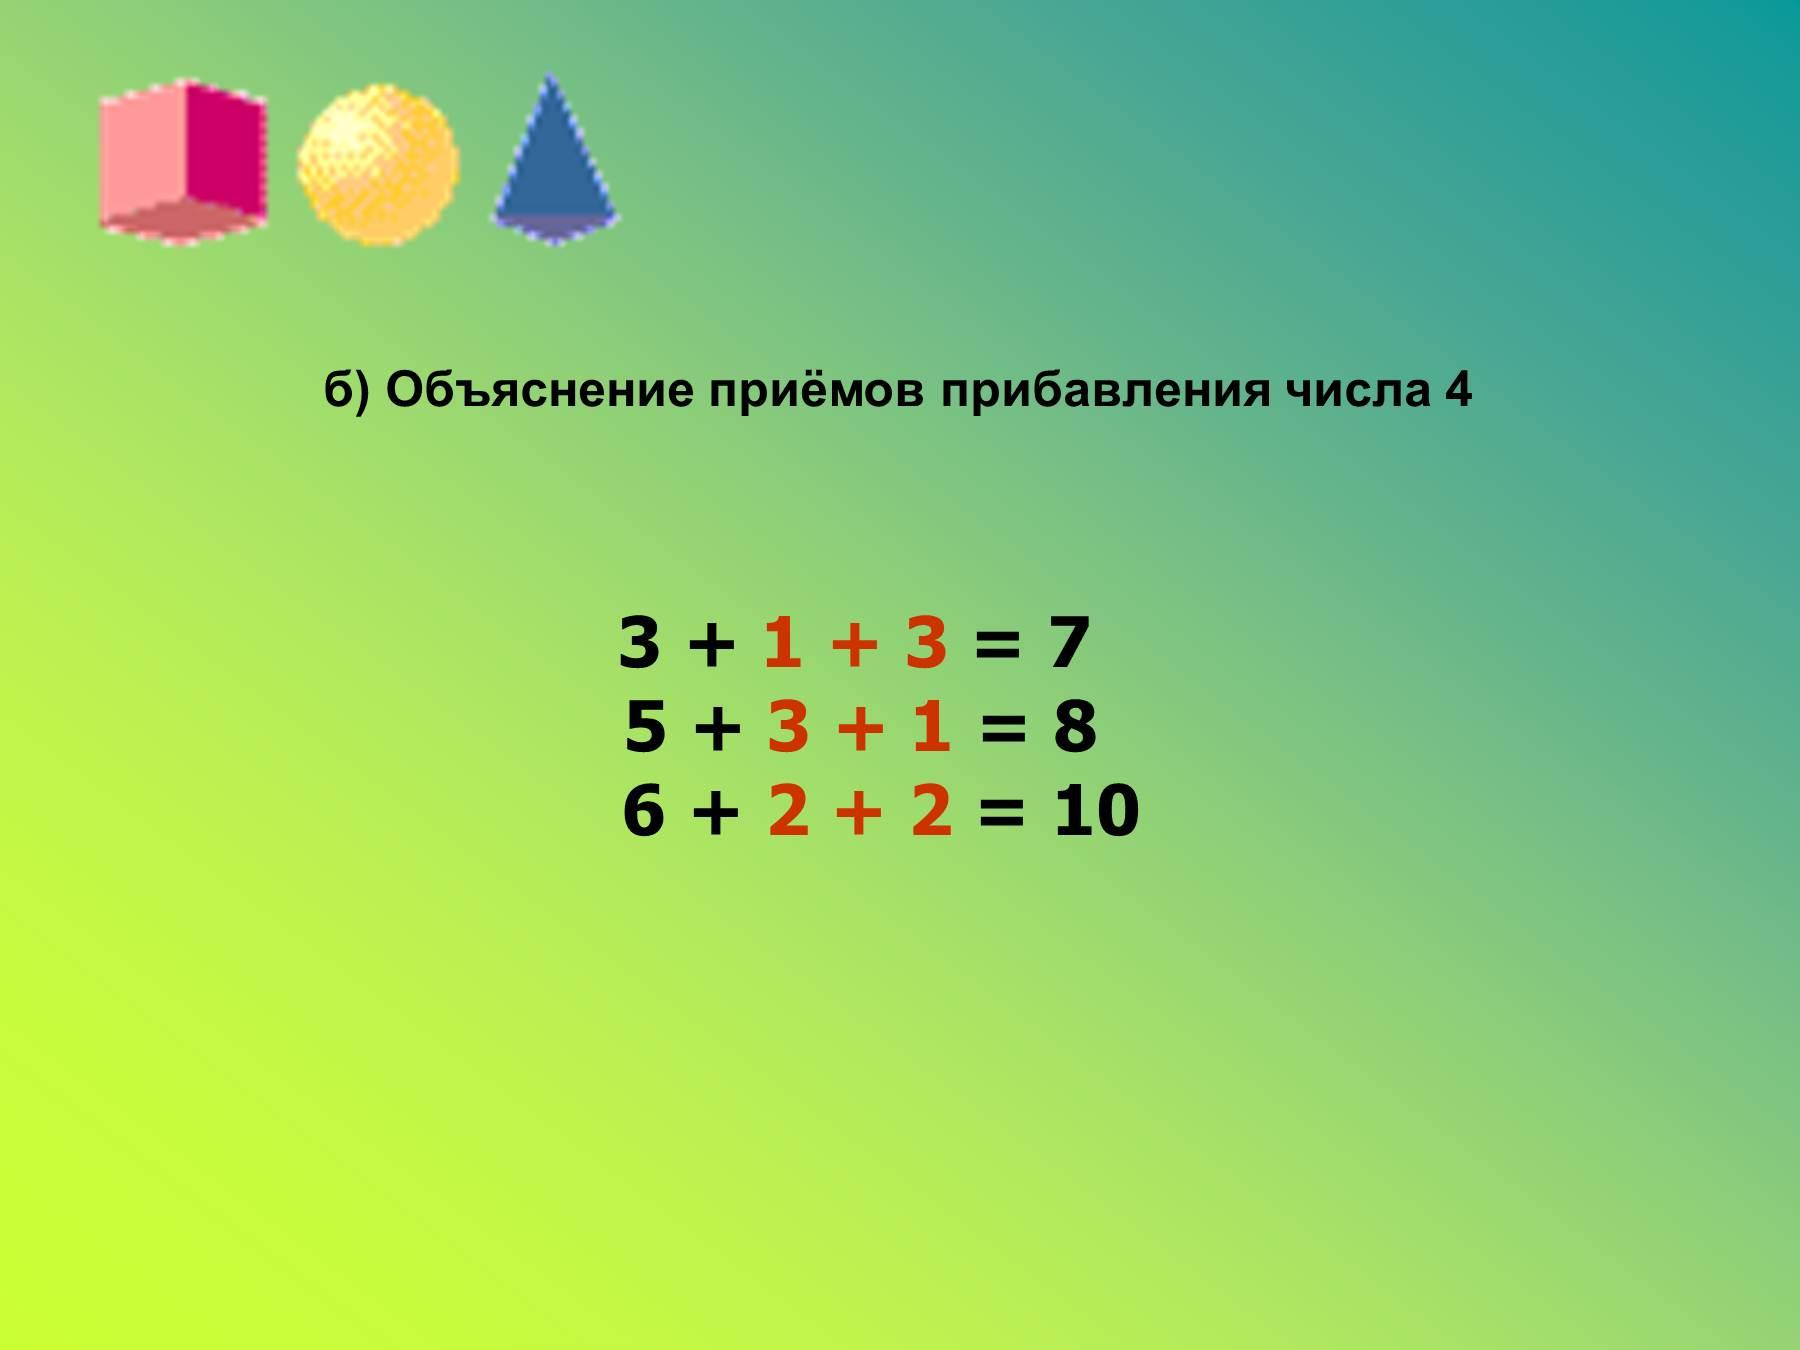 Картинки прибавление числа